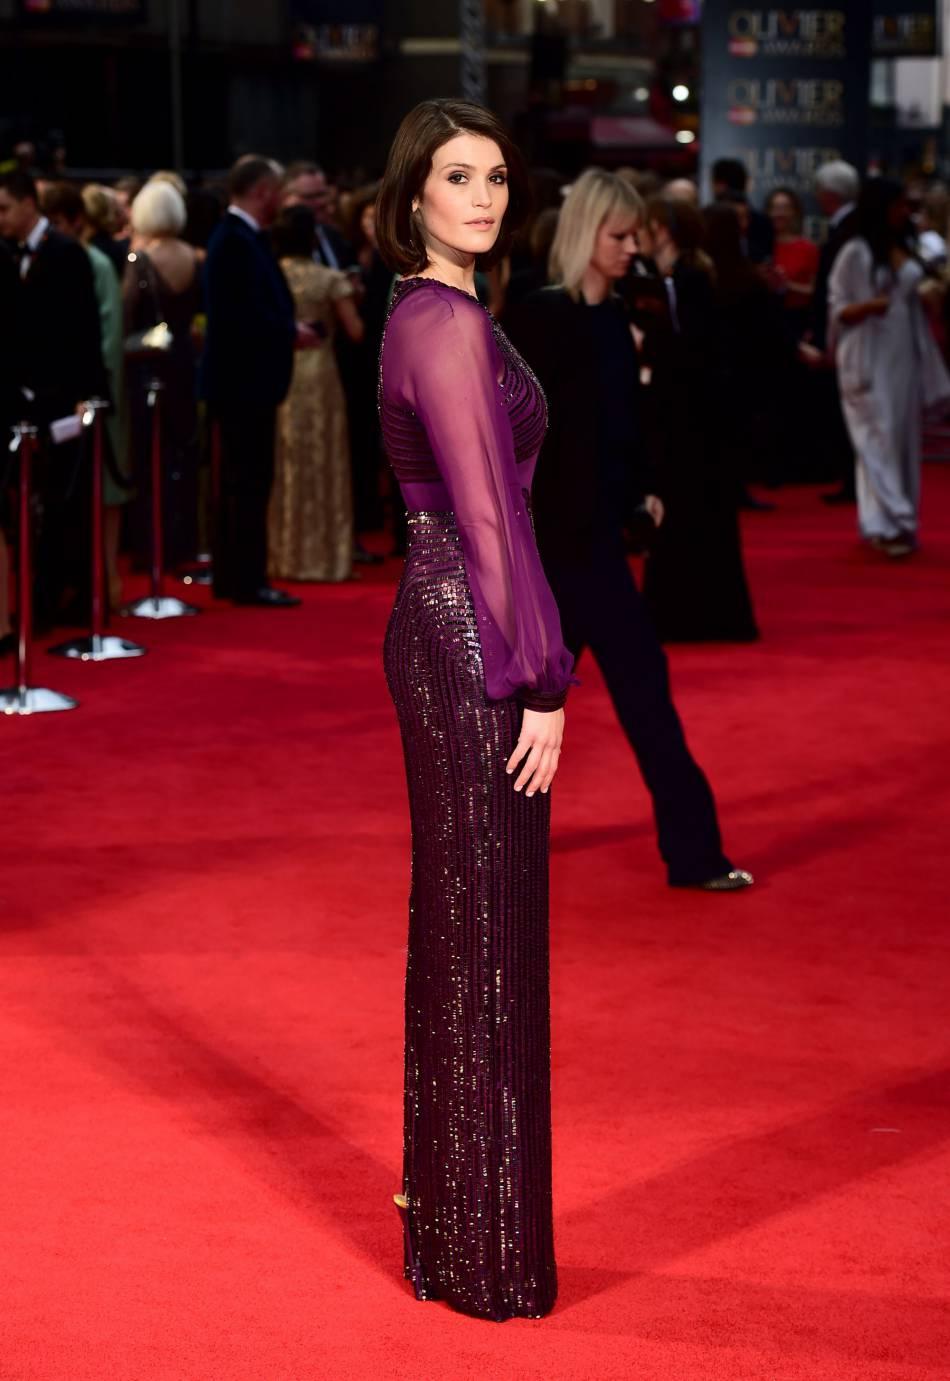 Gemma Arterton était incontestablement la plus belle femme de la soirée des Olivier Awards 2016.